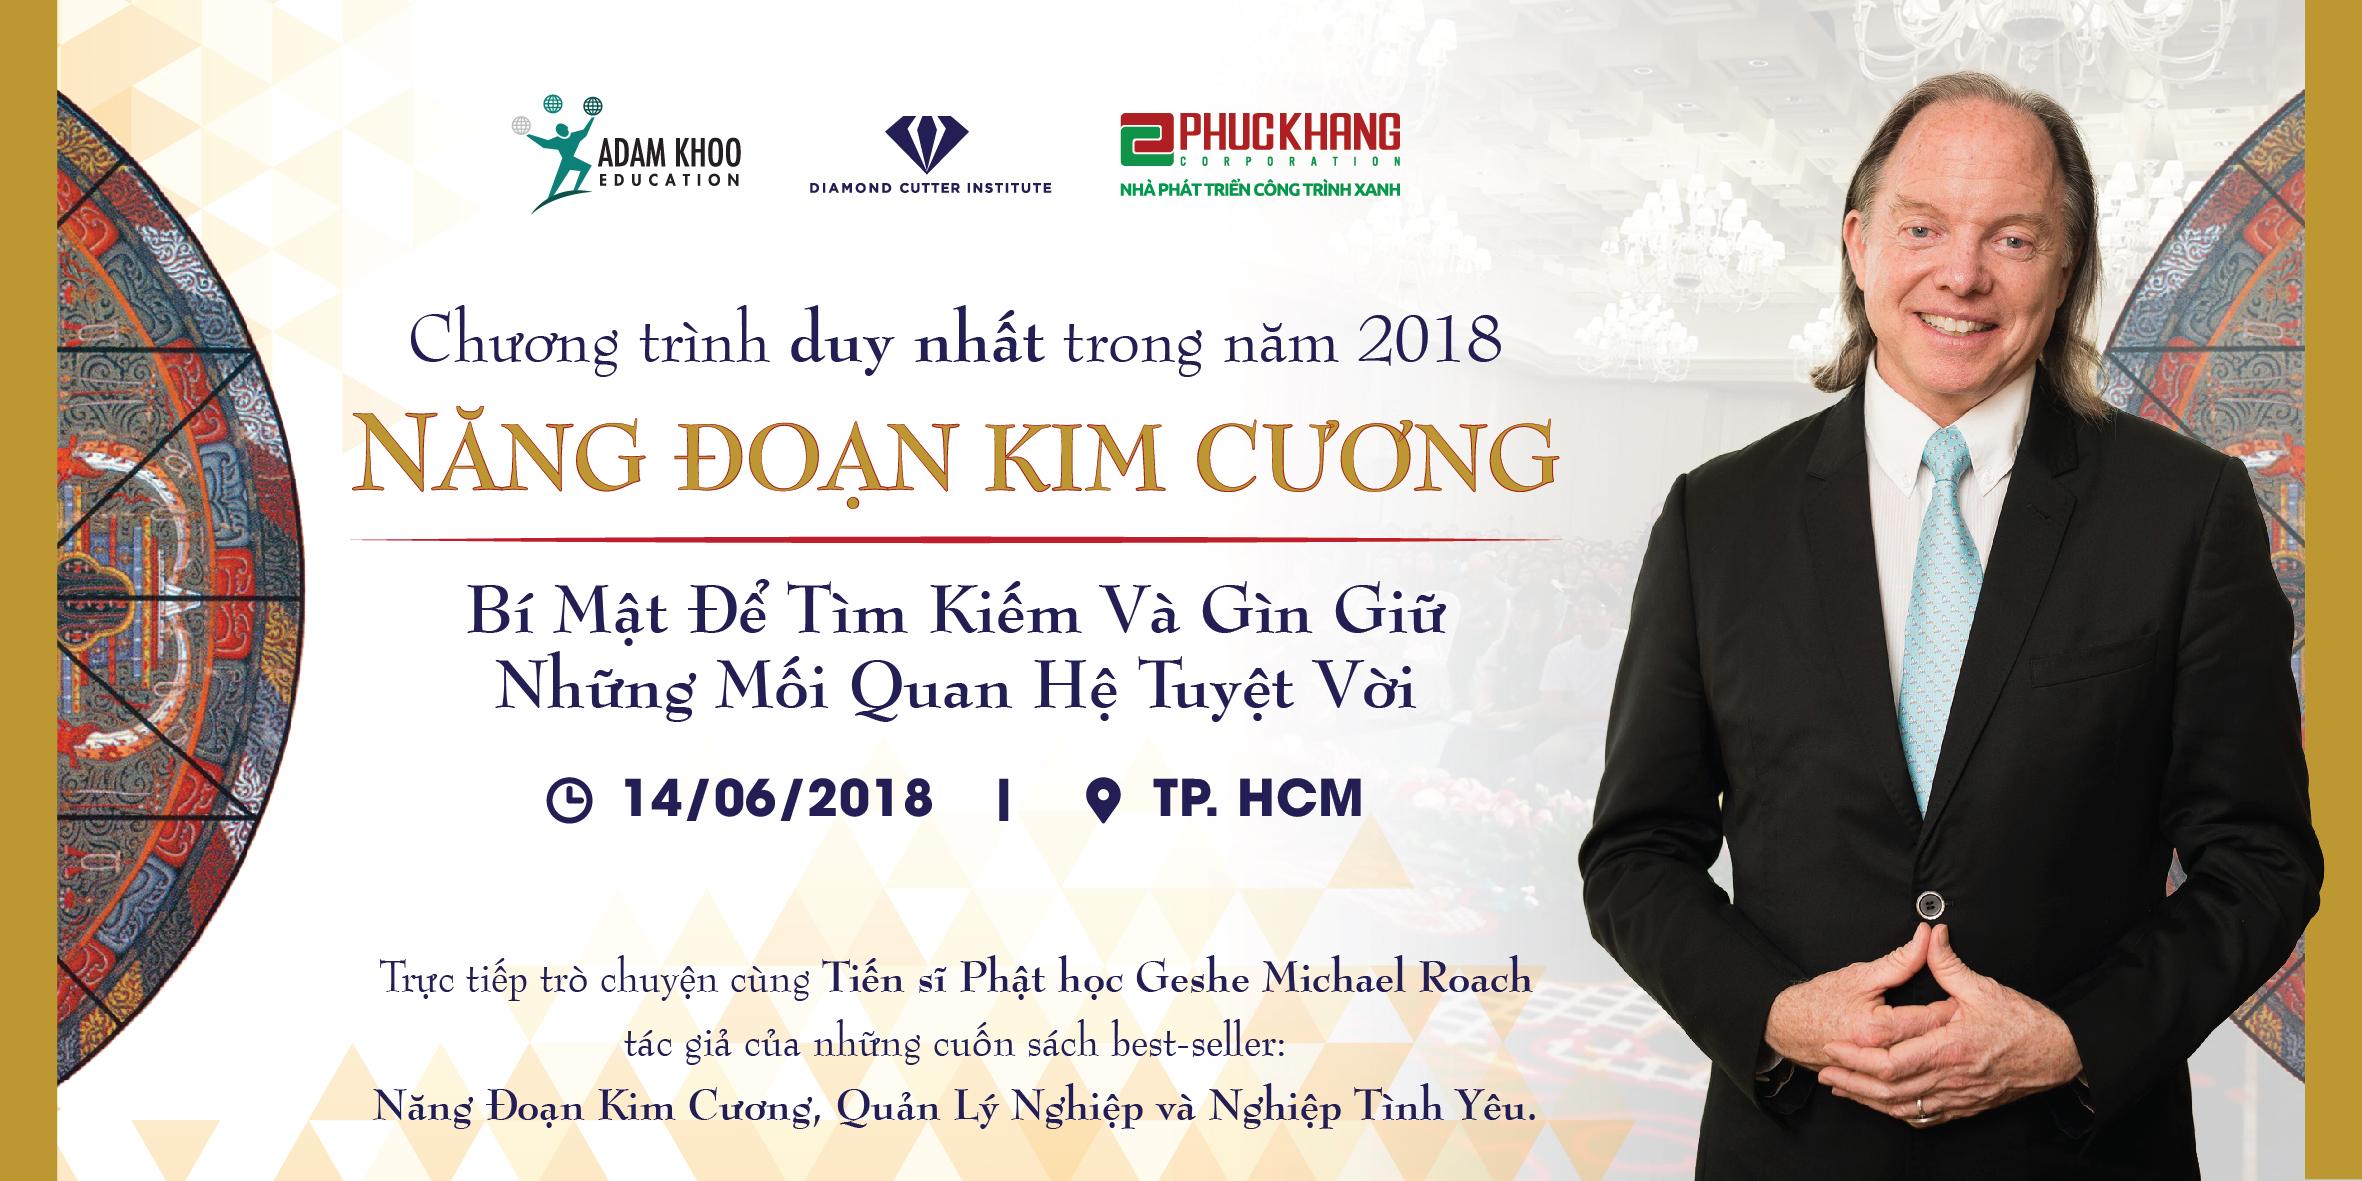 Gặp gỡ trực tiếp tác giả Geshe Michael Roach tại Hà Nội & Tp.HCM